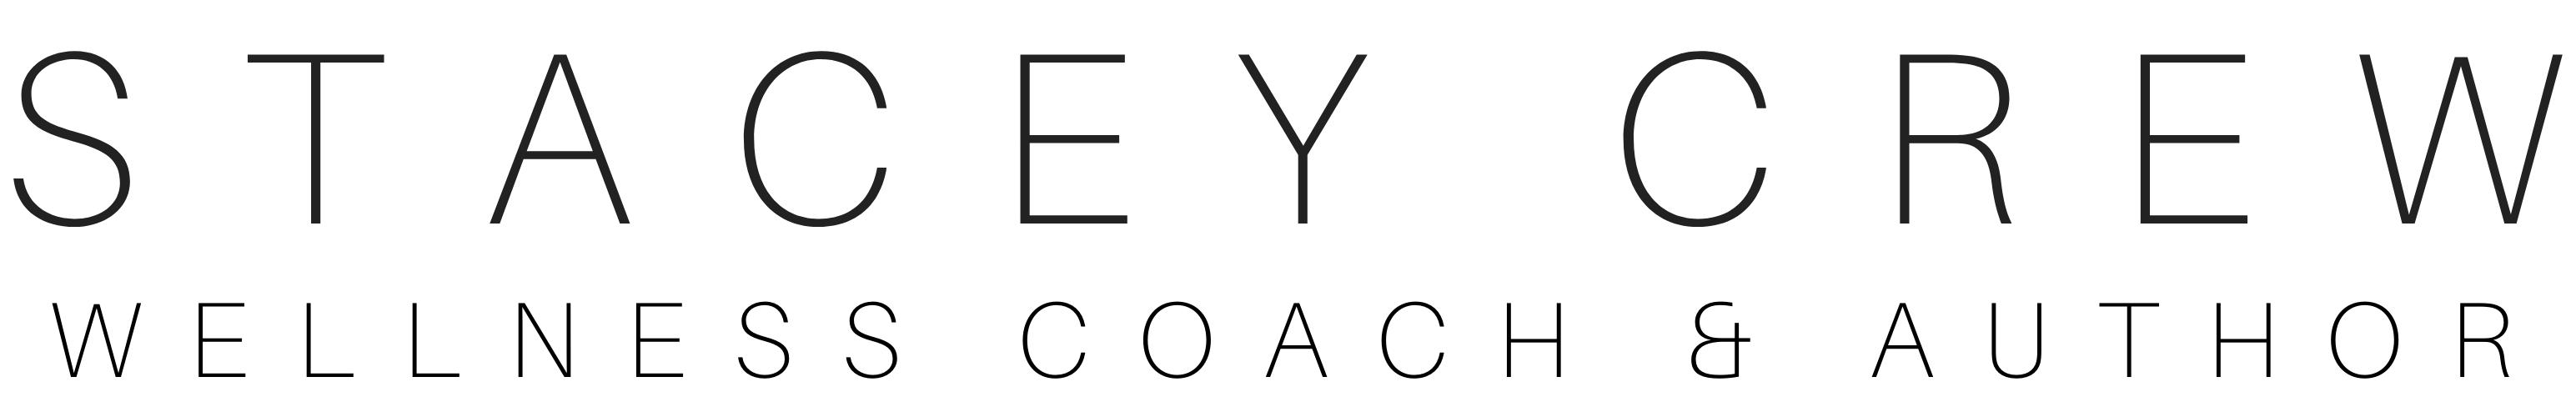 Stacey-Crew-Website-Logo